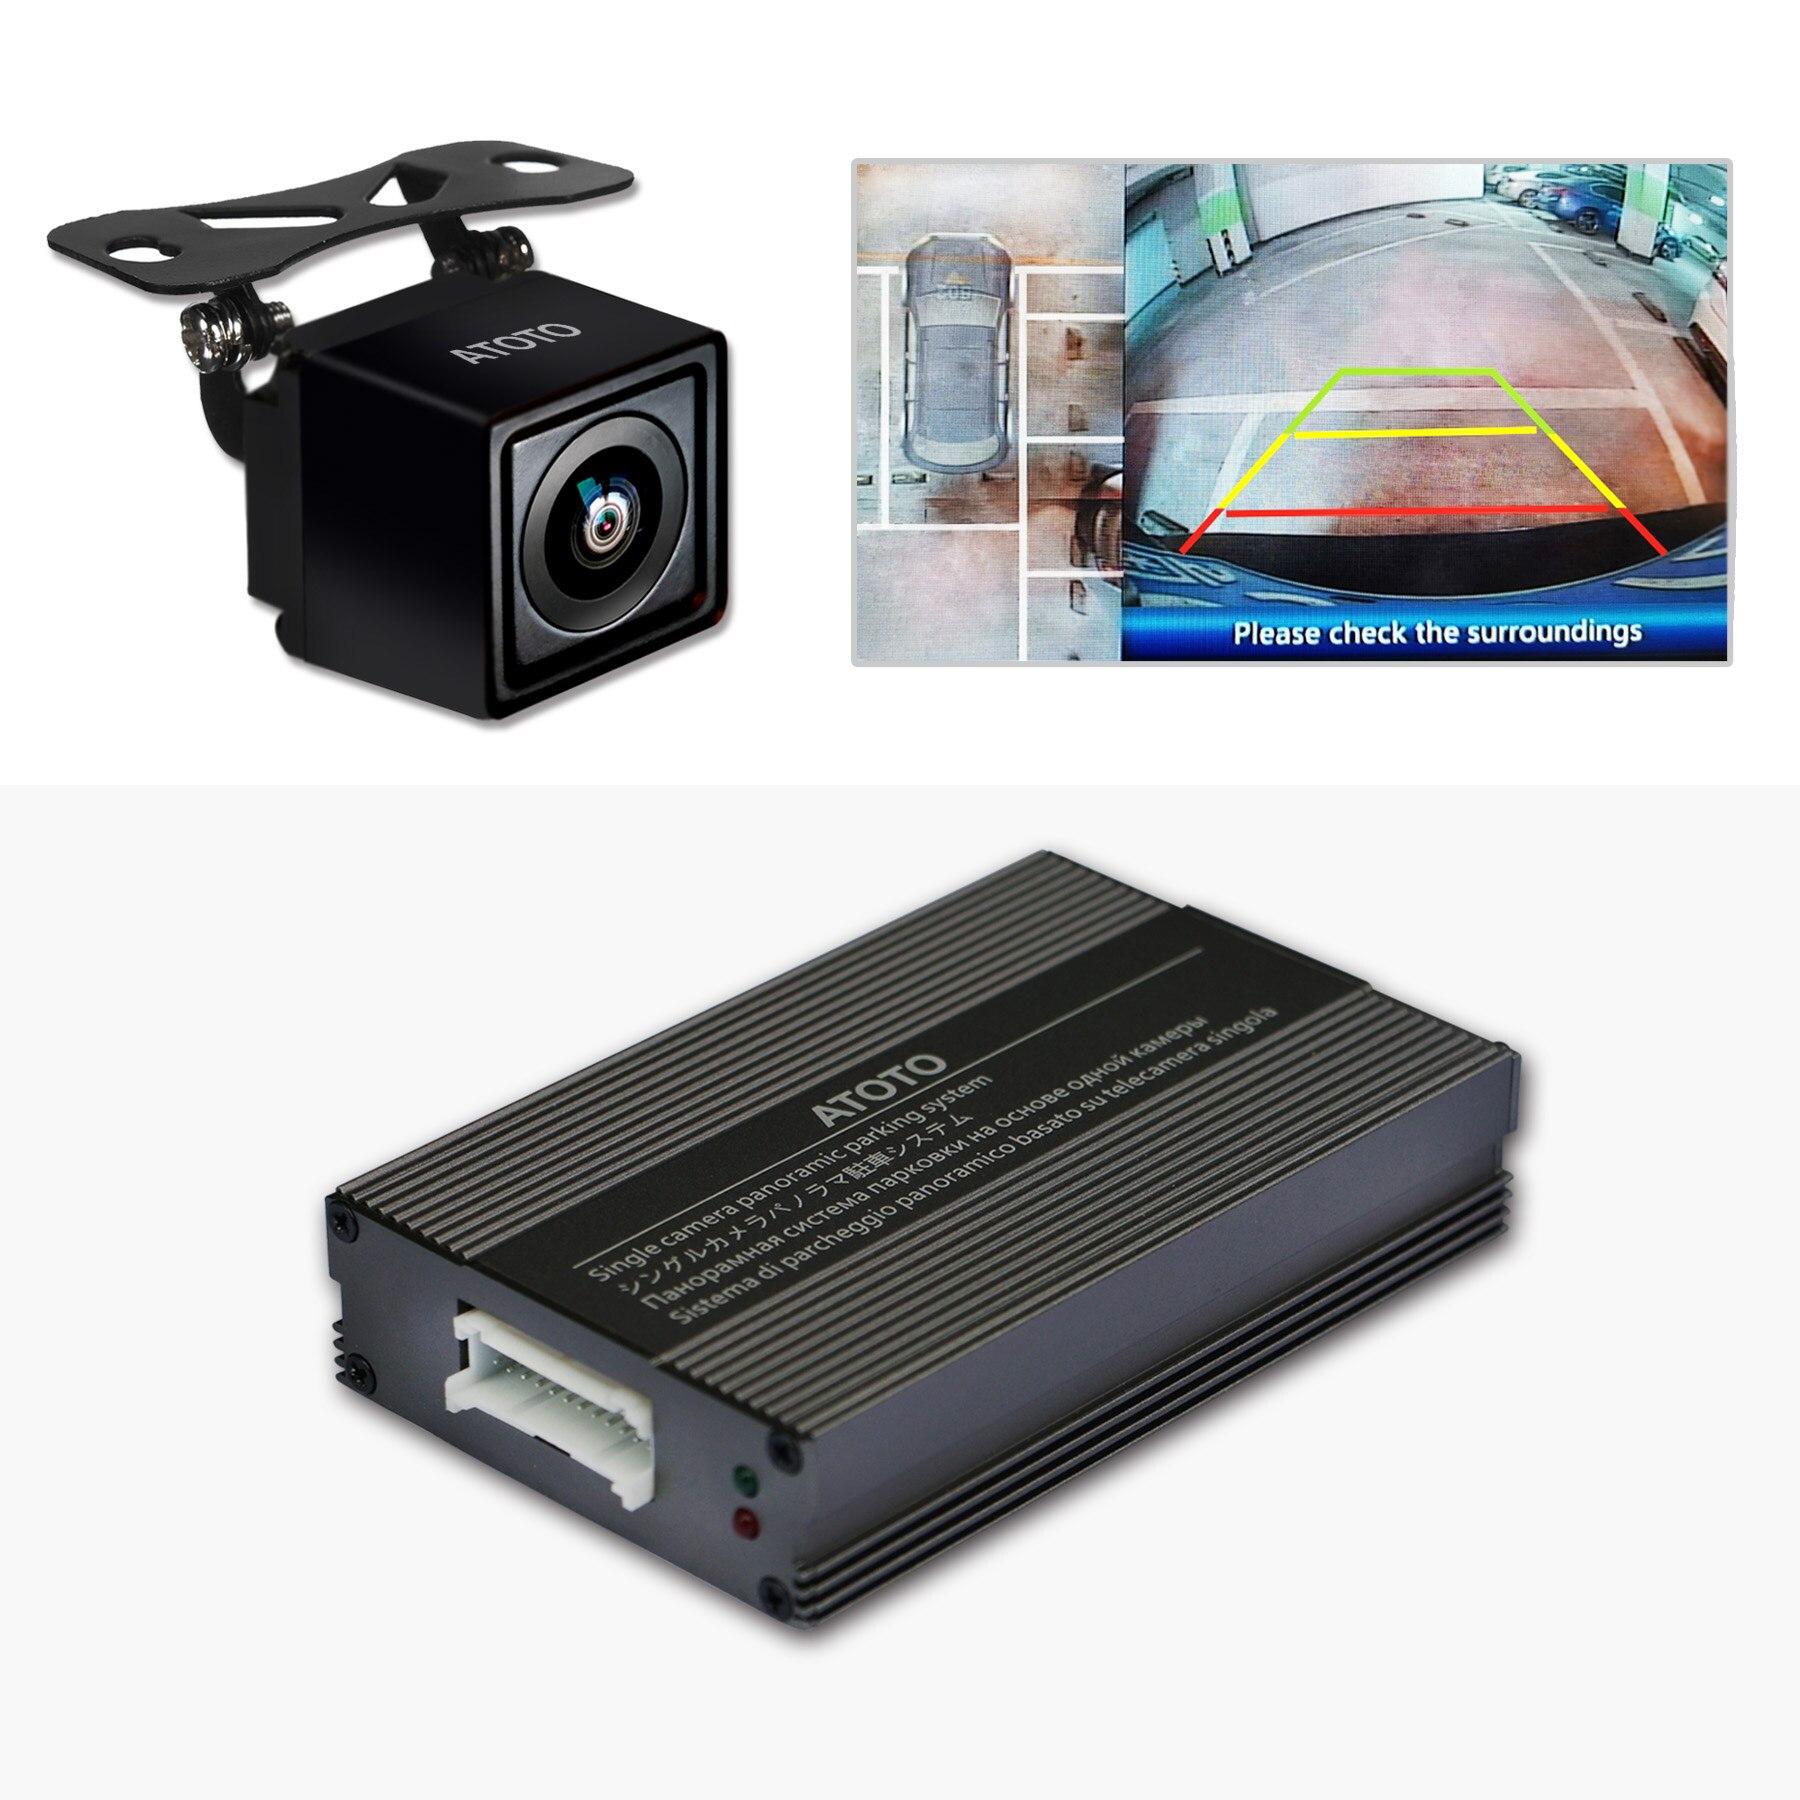 ATOTO AC-SC3601 Singola Telecamera Surround View Retrovisore Sistema di Parcheggio-Immagine Panoramica di Cucitura-Bird-Eye View di un ambiente